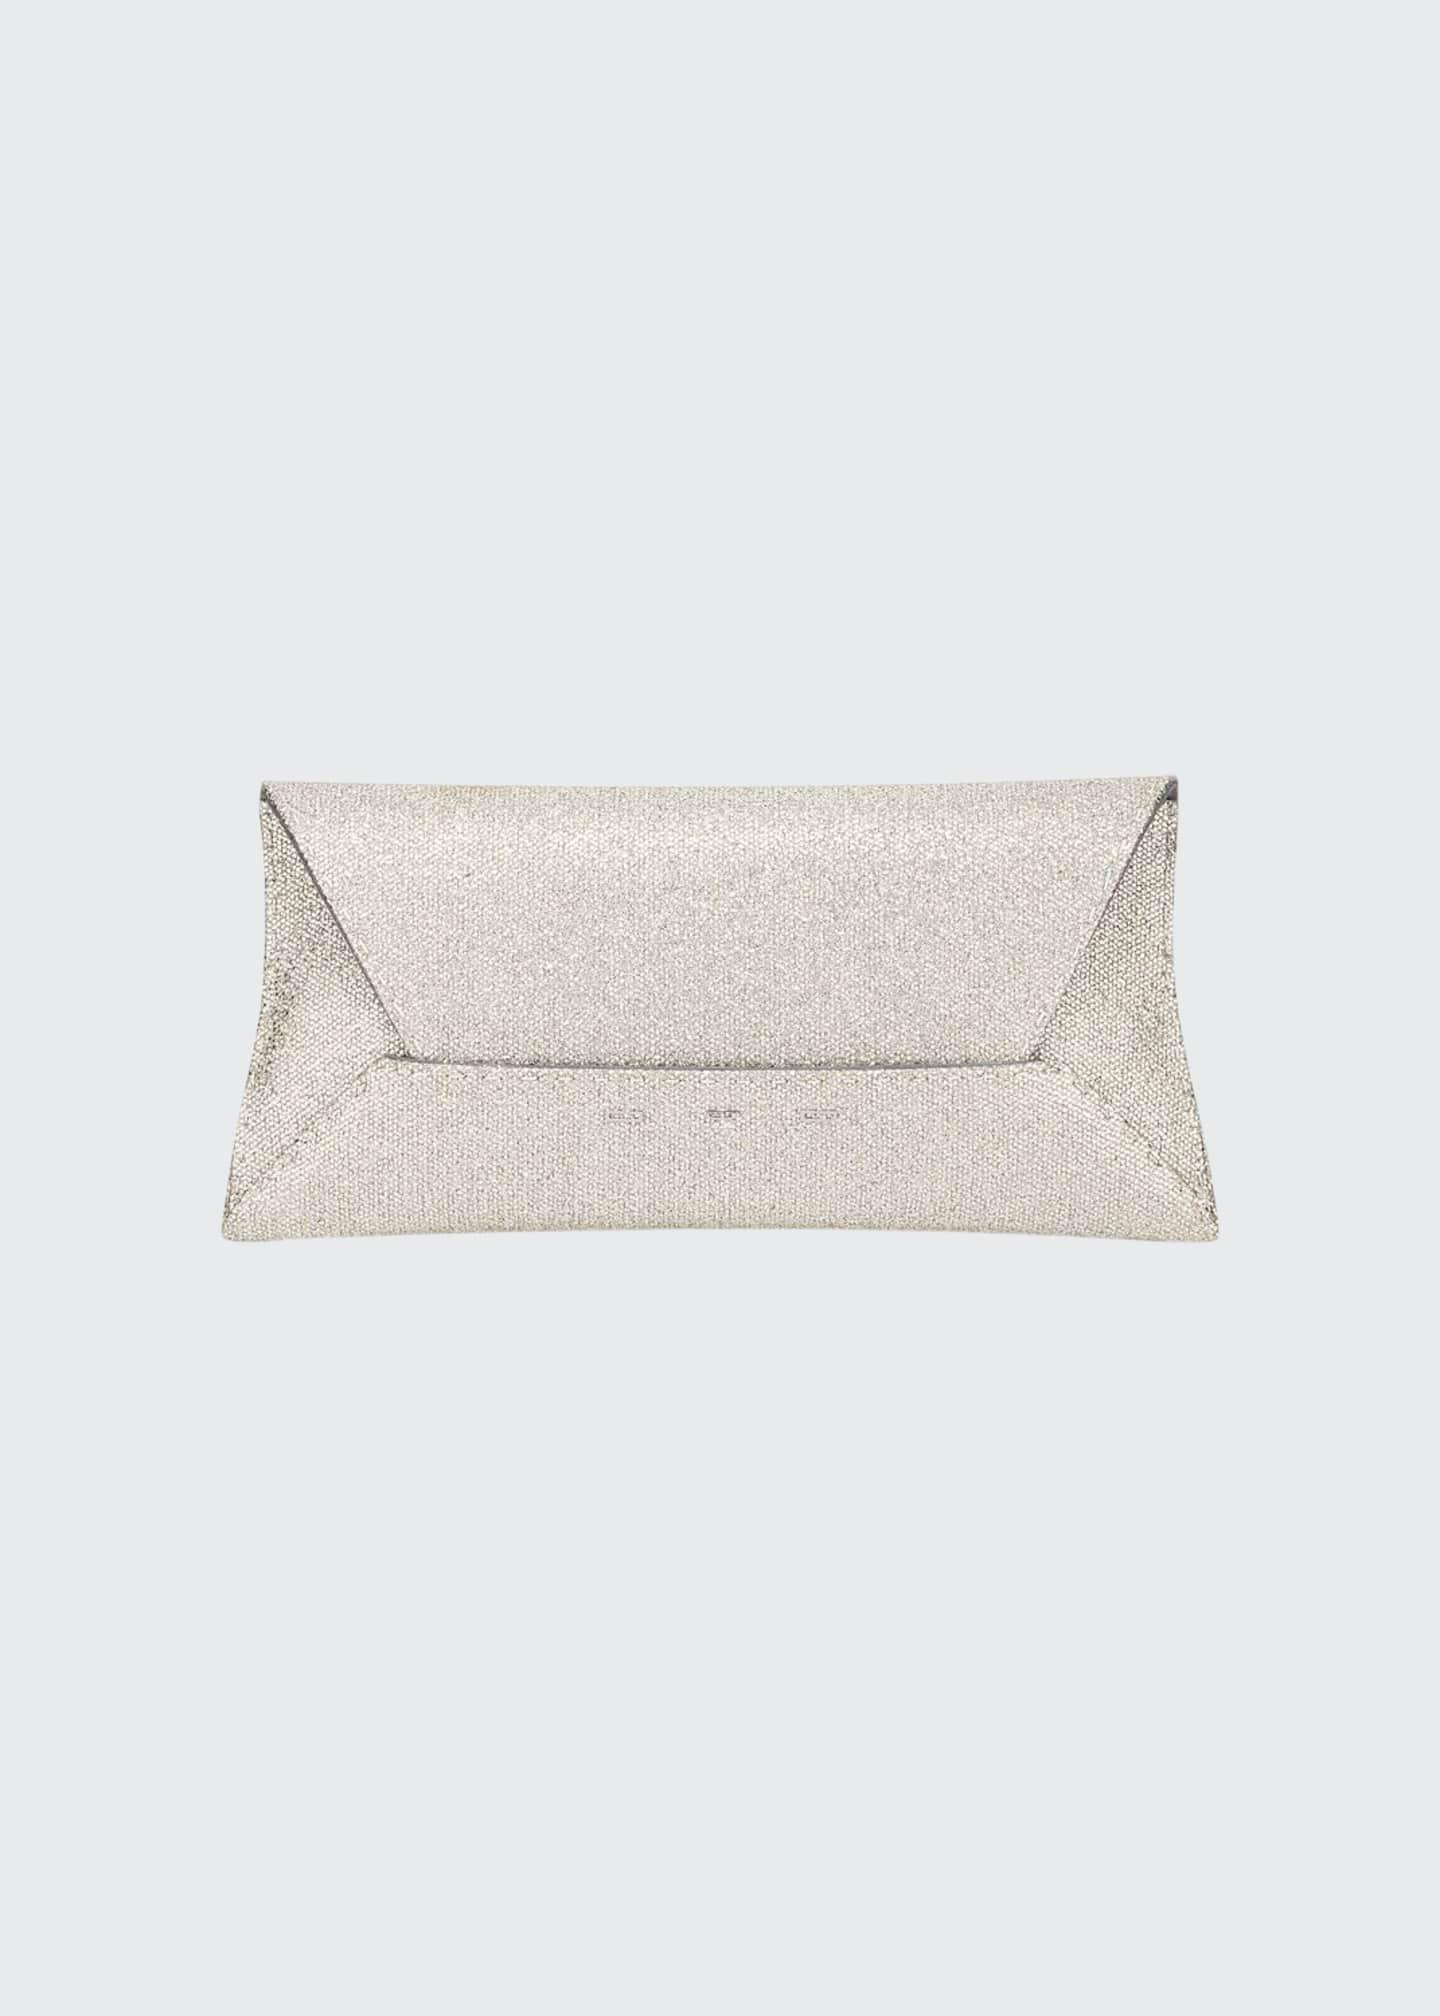 VBH Manila Stretch T Glitter Clutch Bag